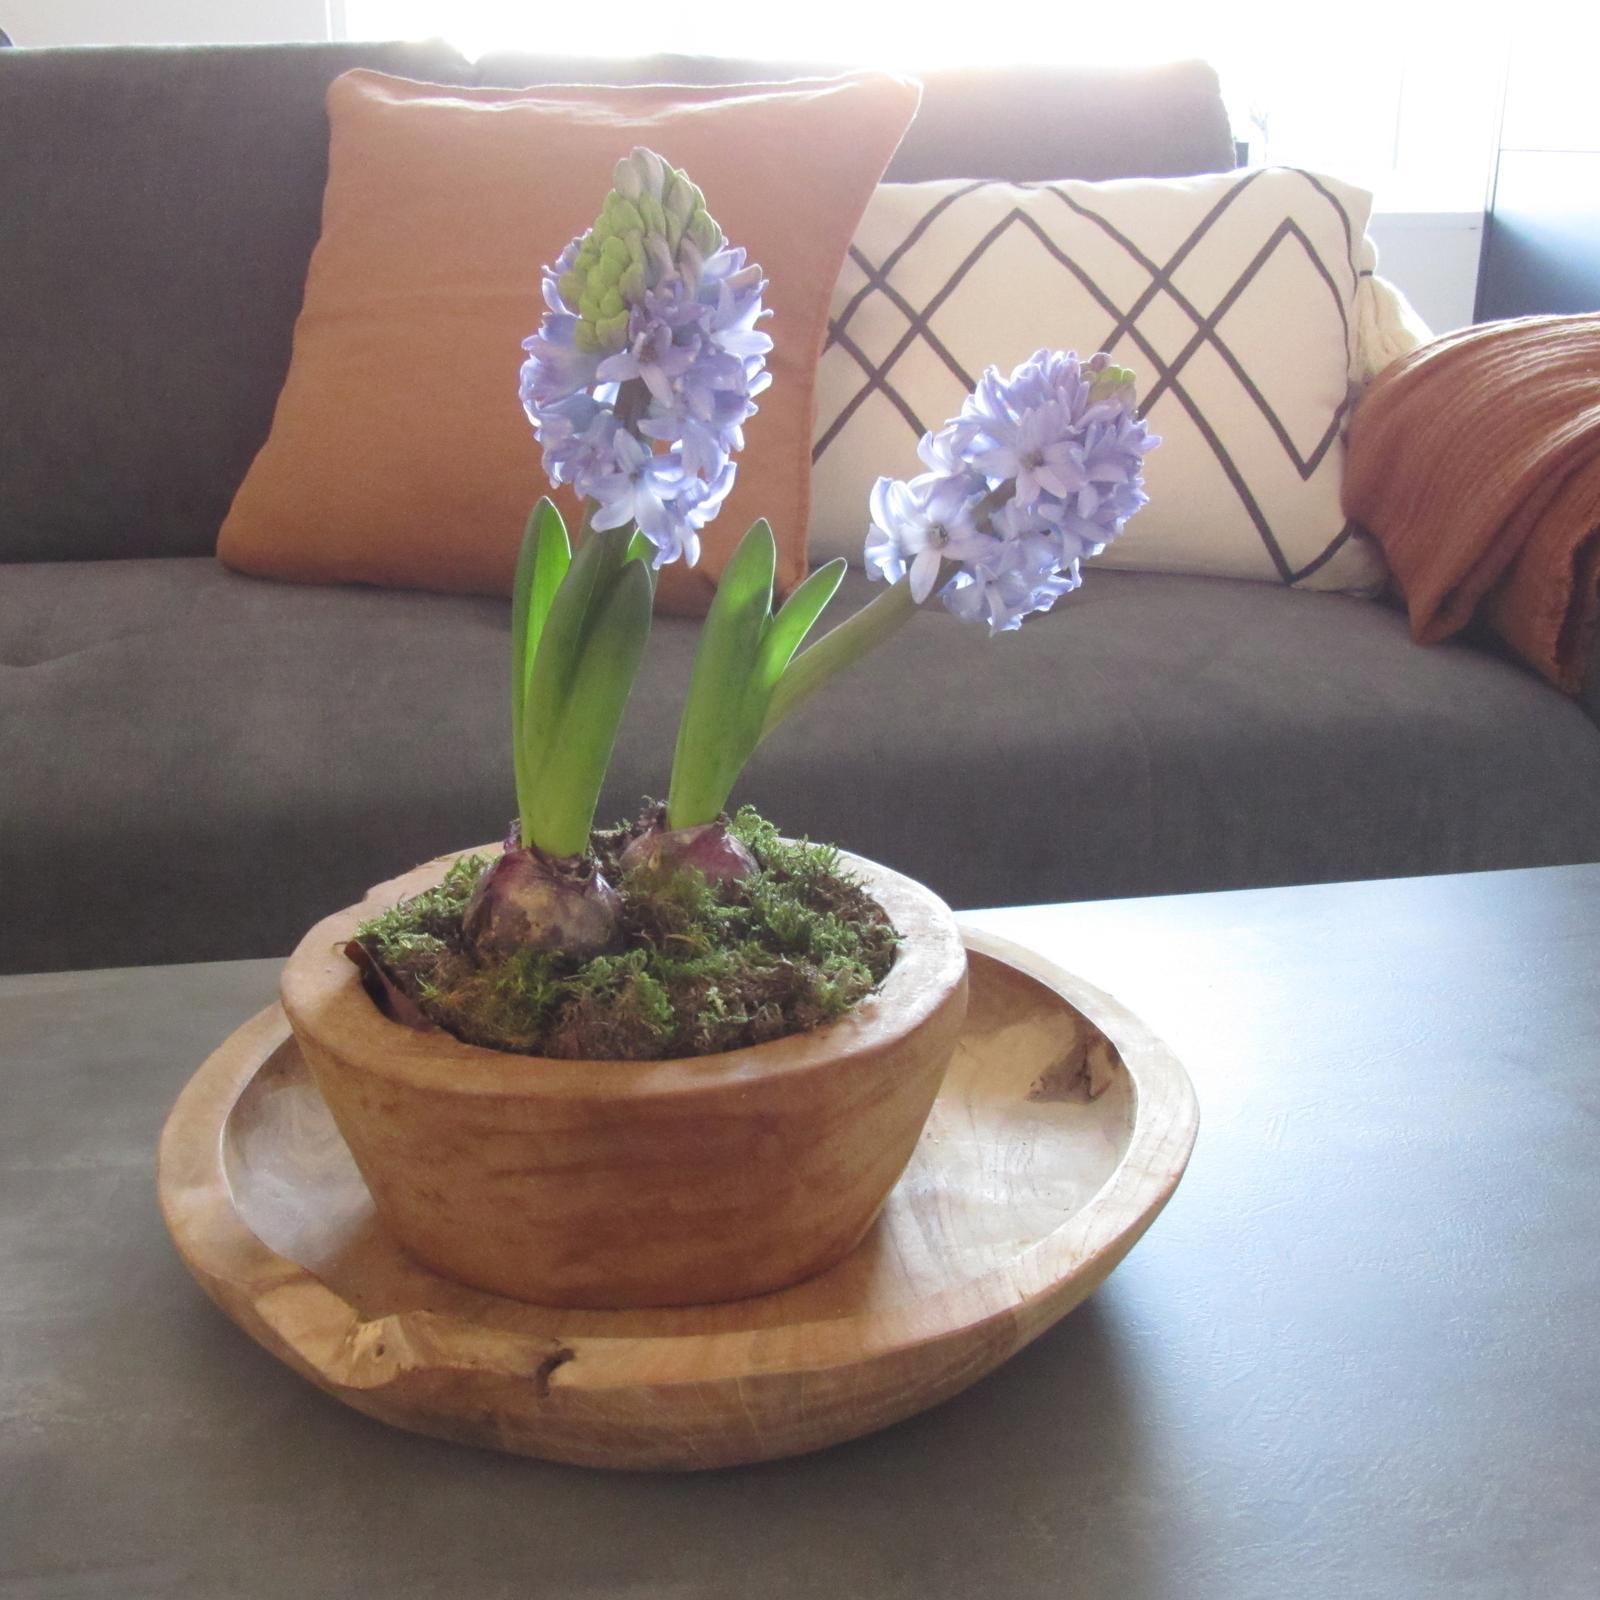 První rok bydlení - 2020 - všechny barvy hyacint jsou krásné, ale fialové voní neskutečně krásně